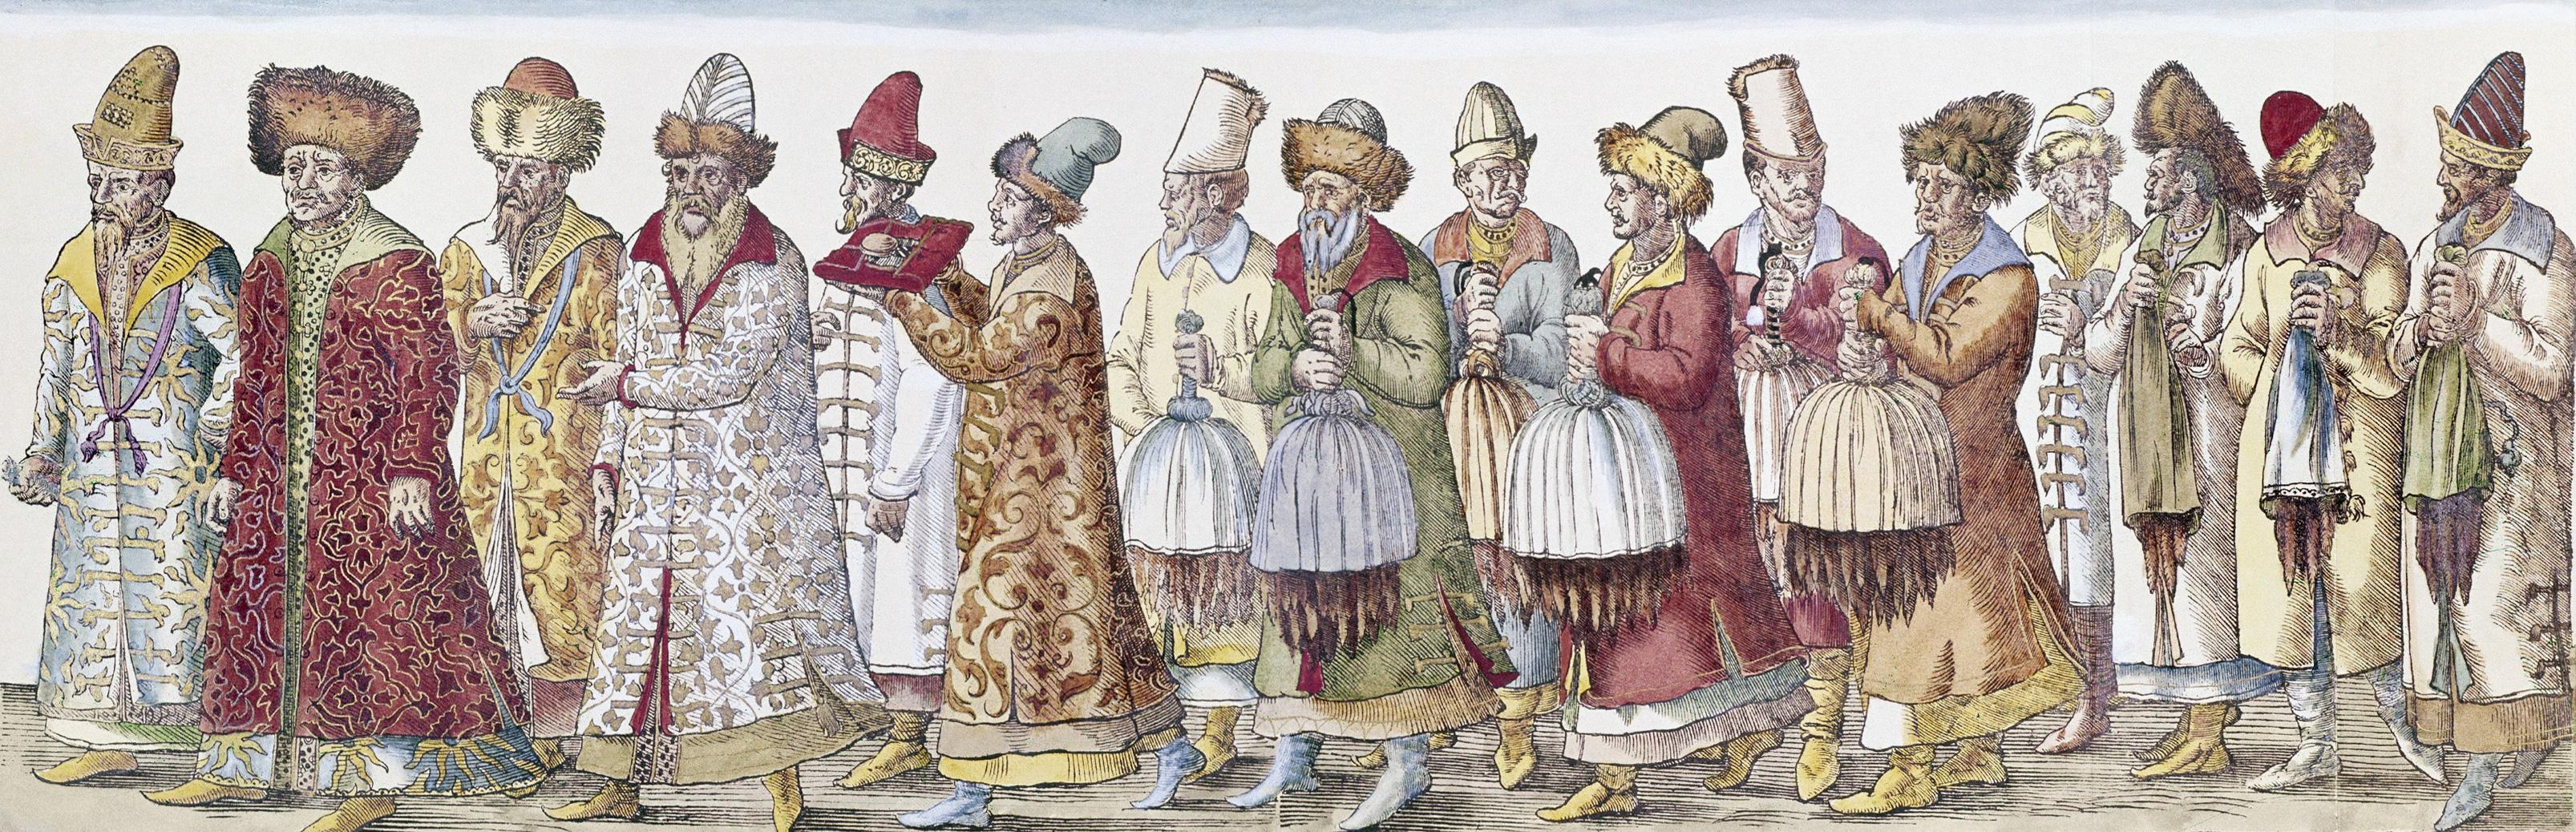 Российские послы несут шкуры в дар императору Священной Римской империи Максимилиану II от Ивана IV